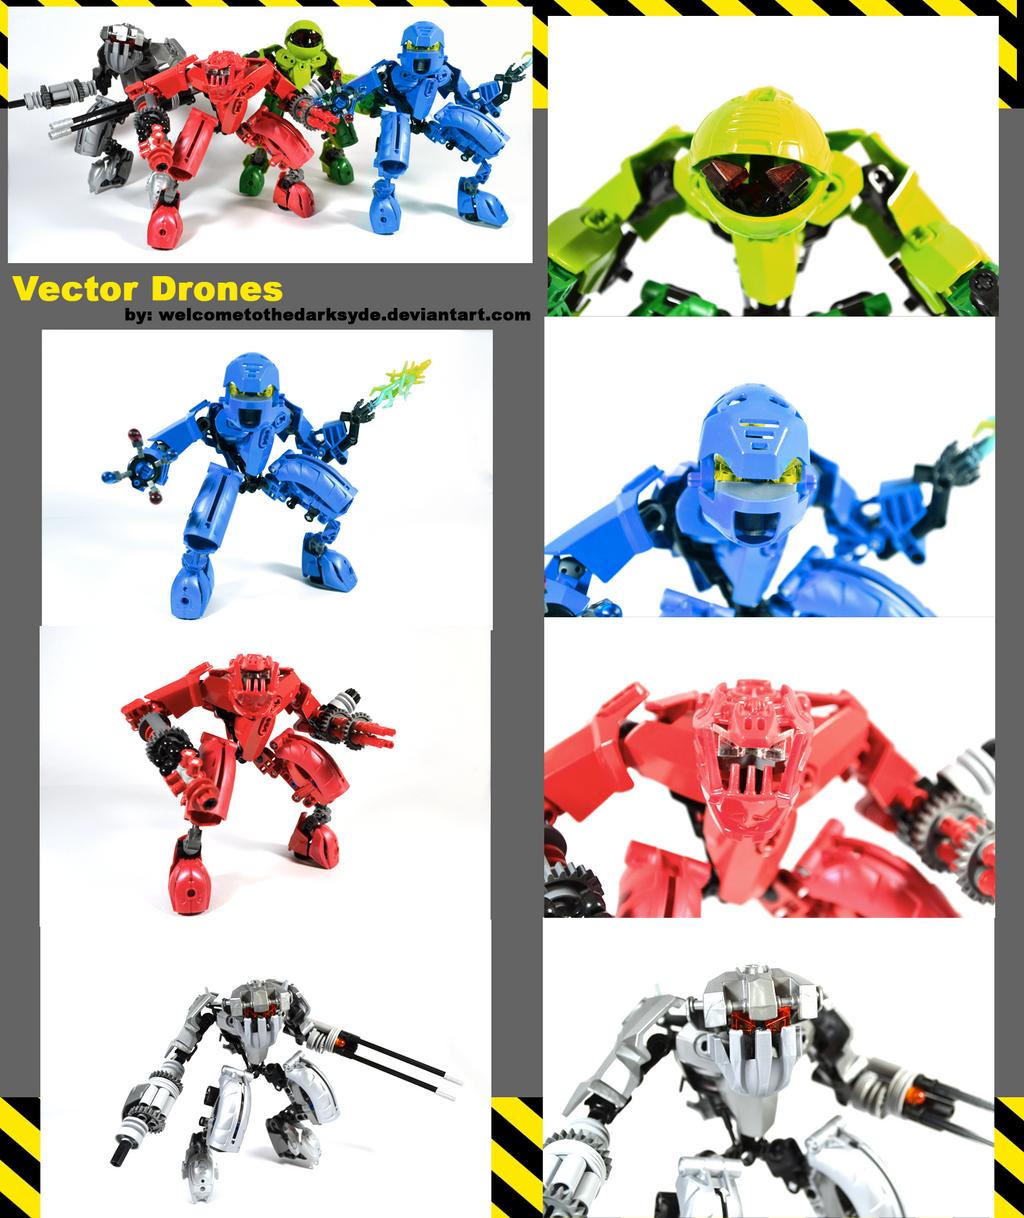 Vector Drones by welcometothedarksyde